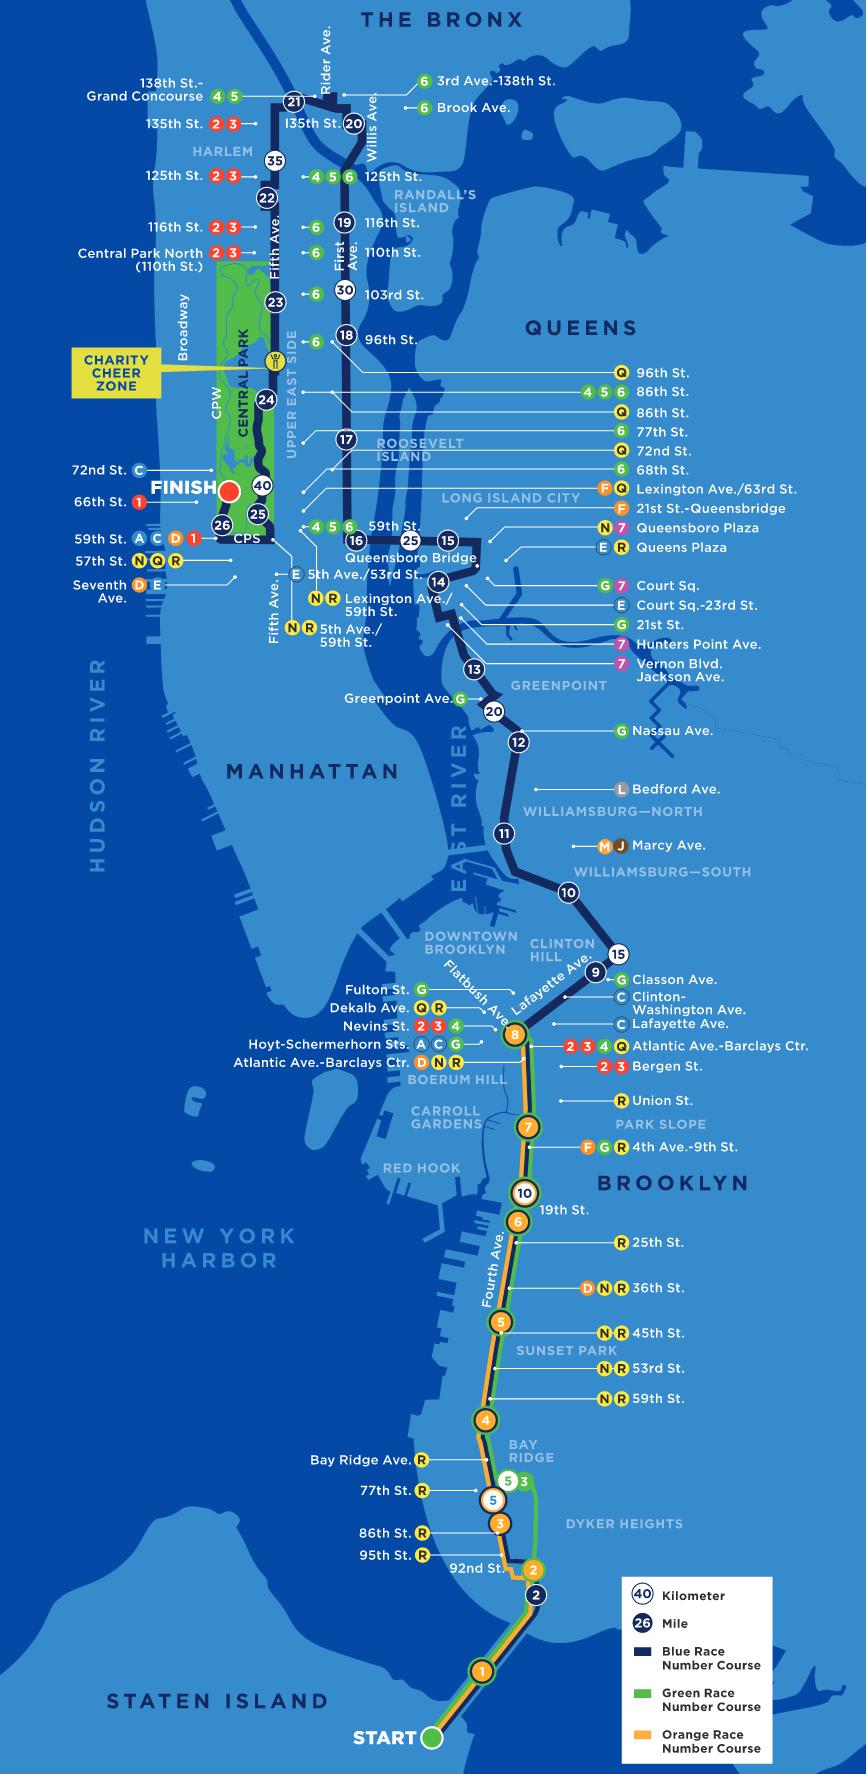 parcours du marathon de New York 2018